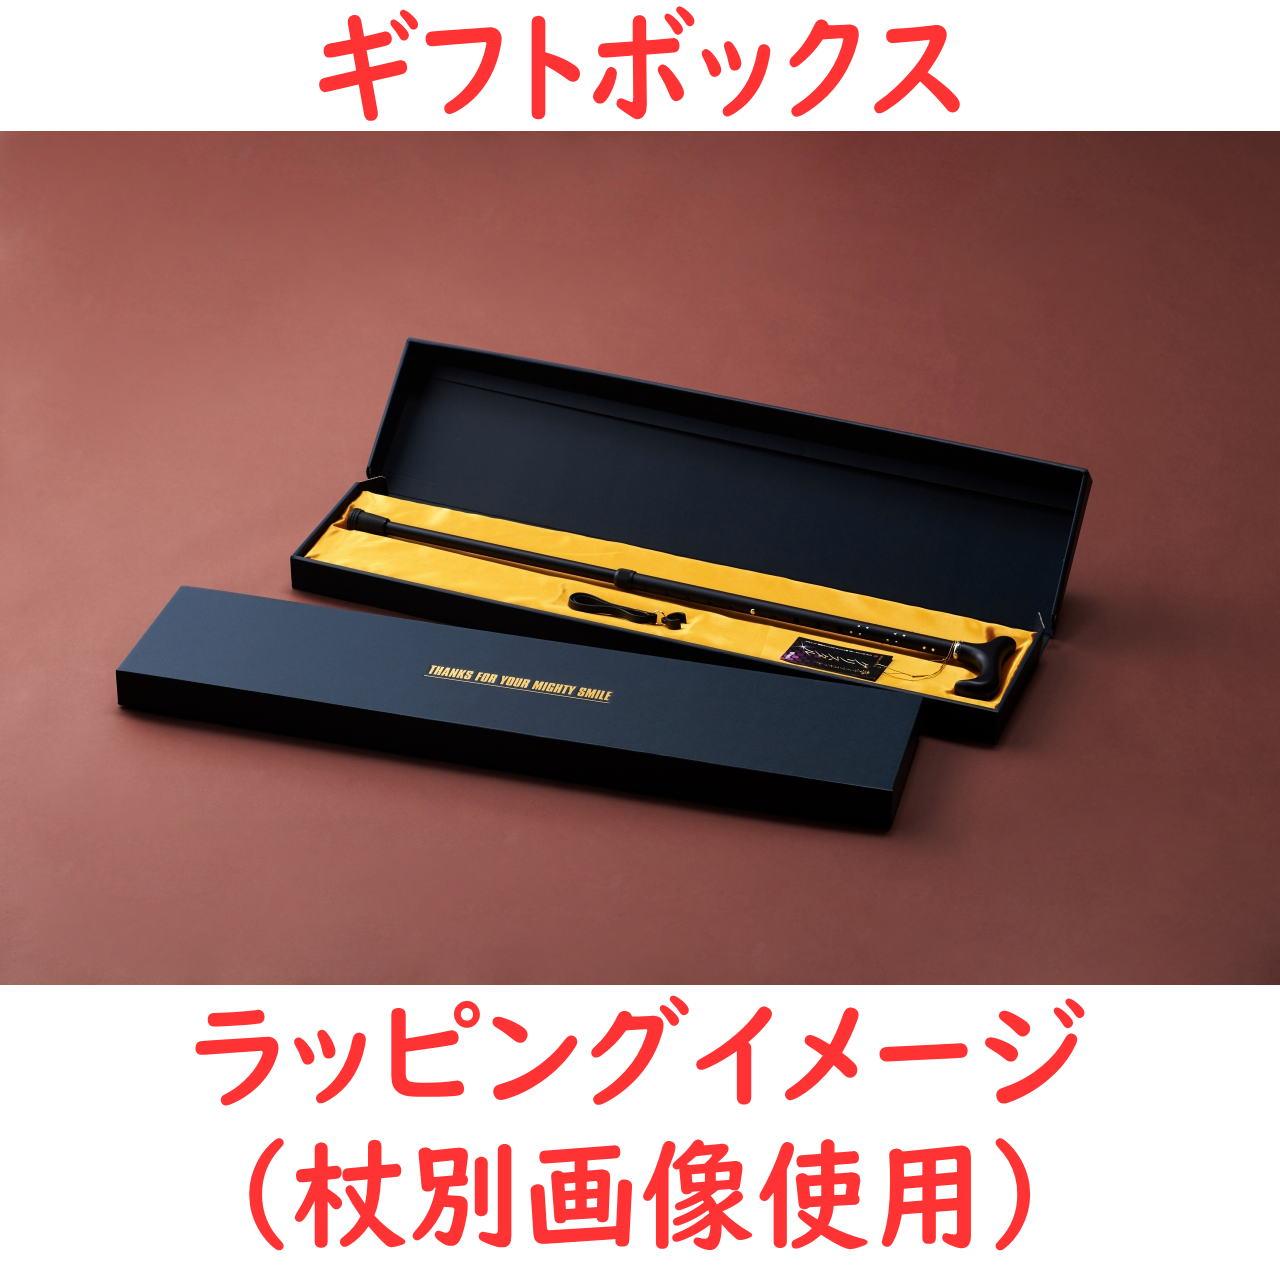 ☆ギフトボックス可☆ 夢ライフステッキ 折りたたみ伸縮型 ロイヤルブラウン